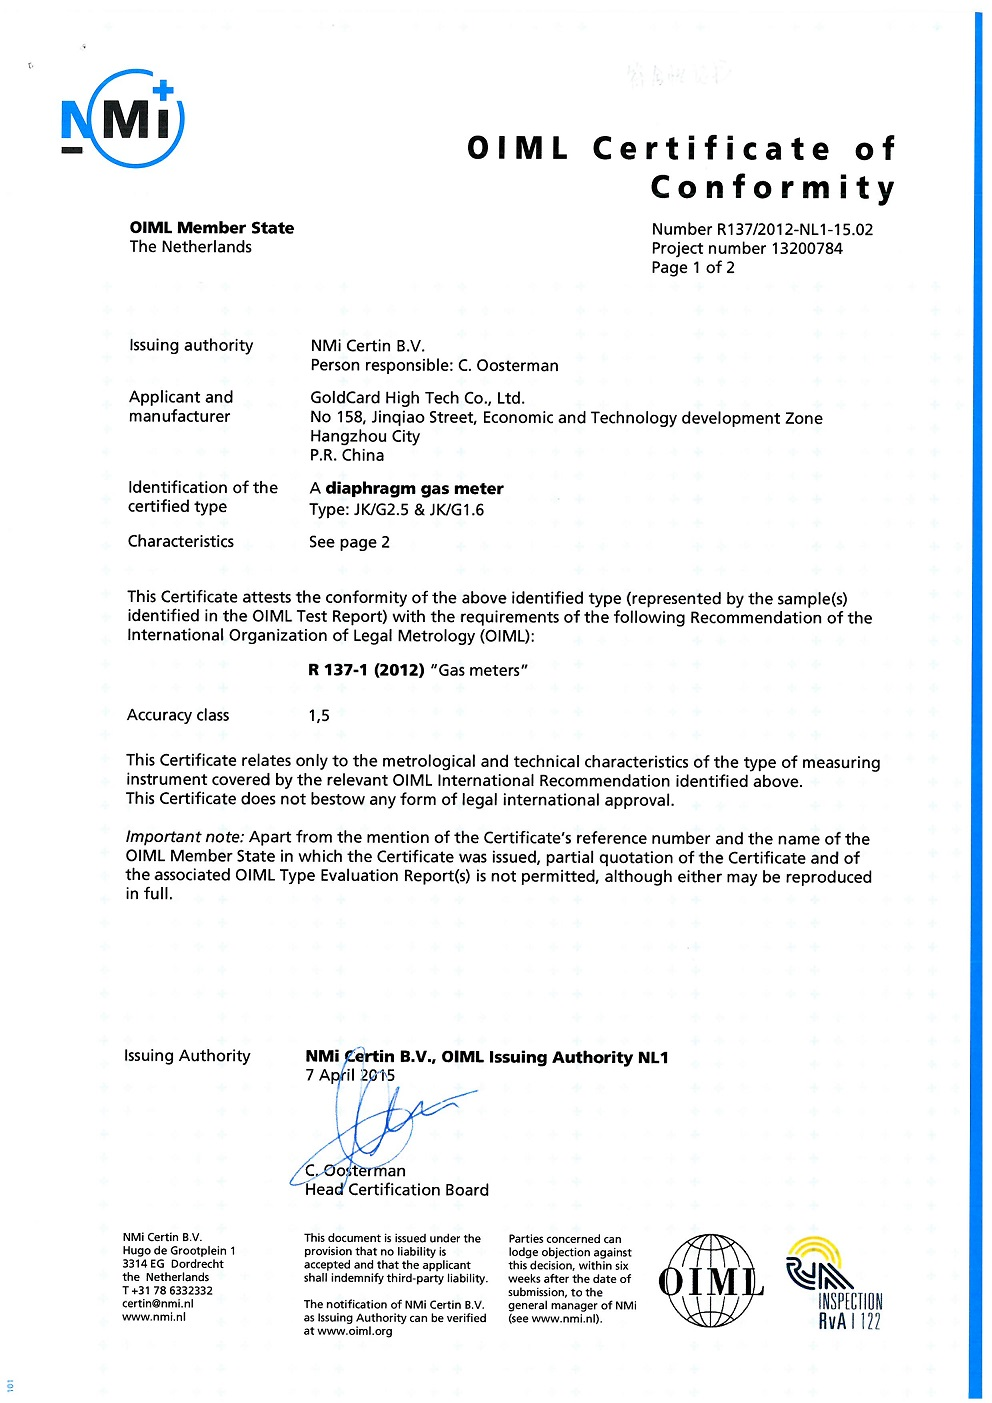 OIML certificate